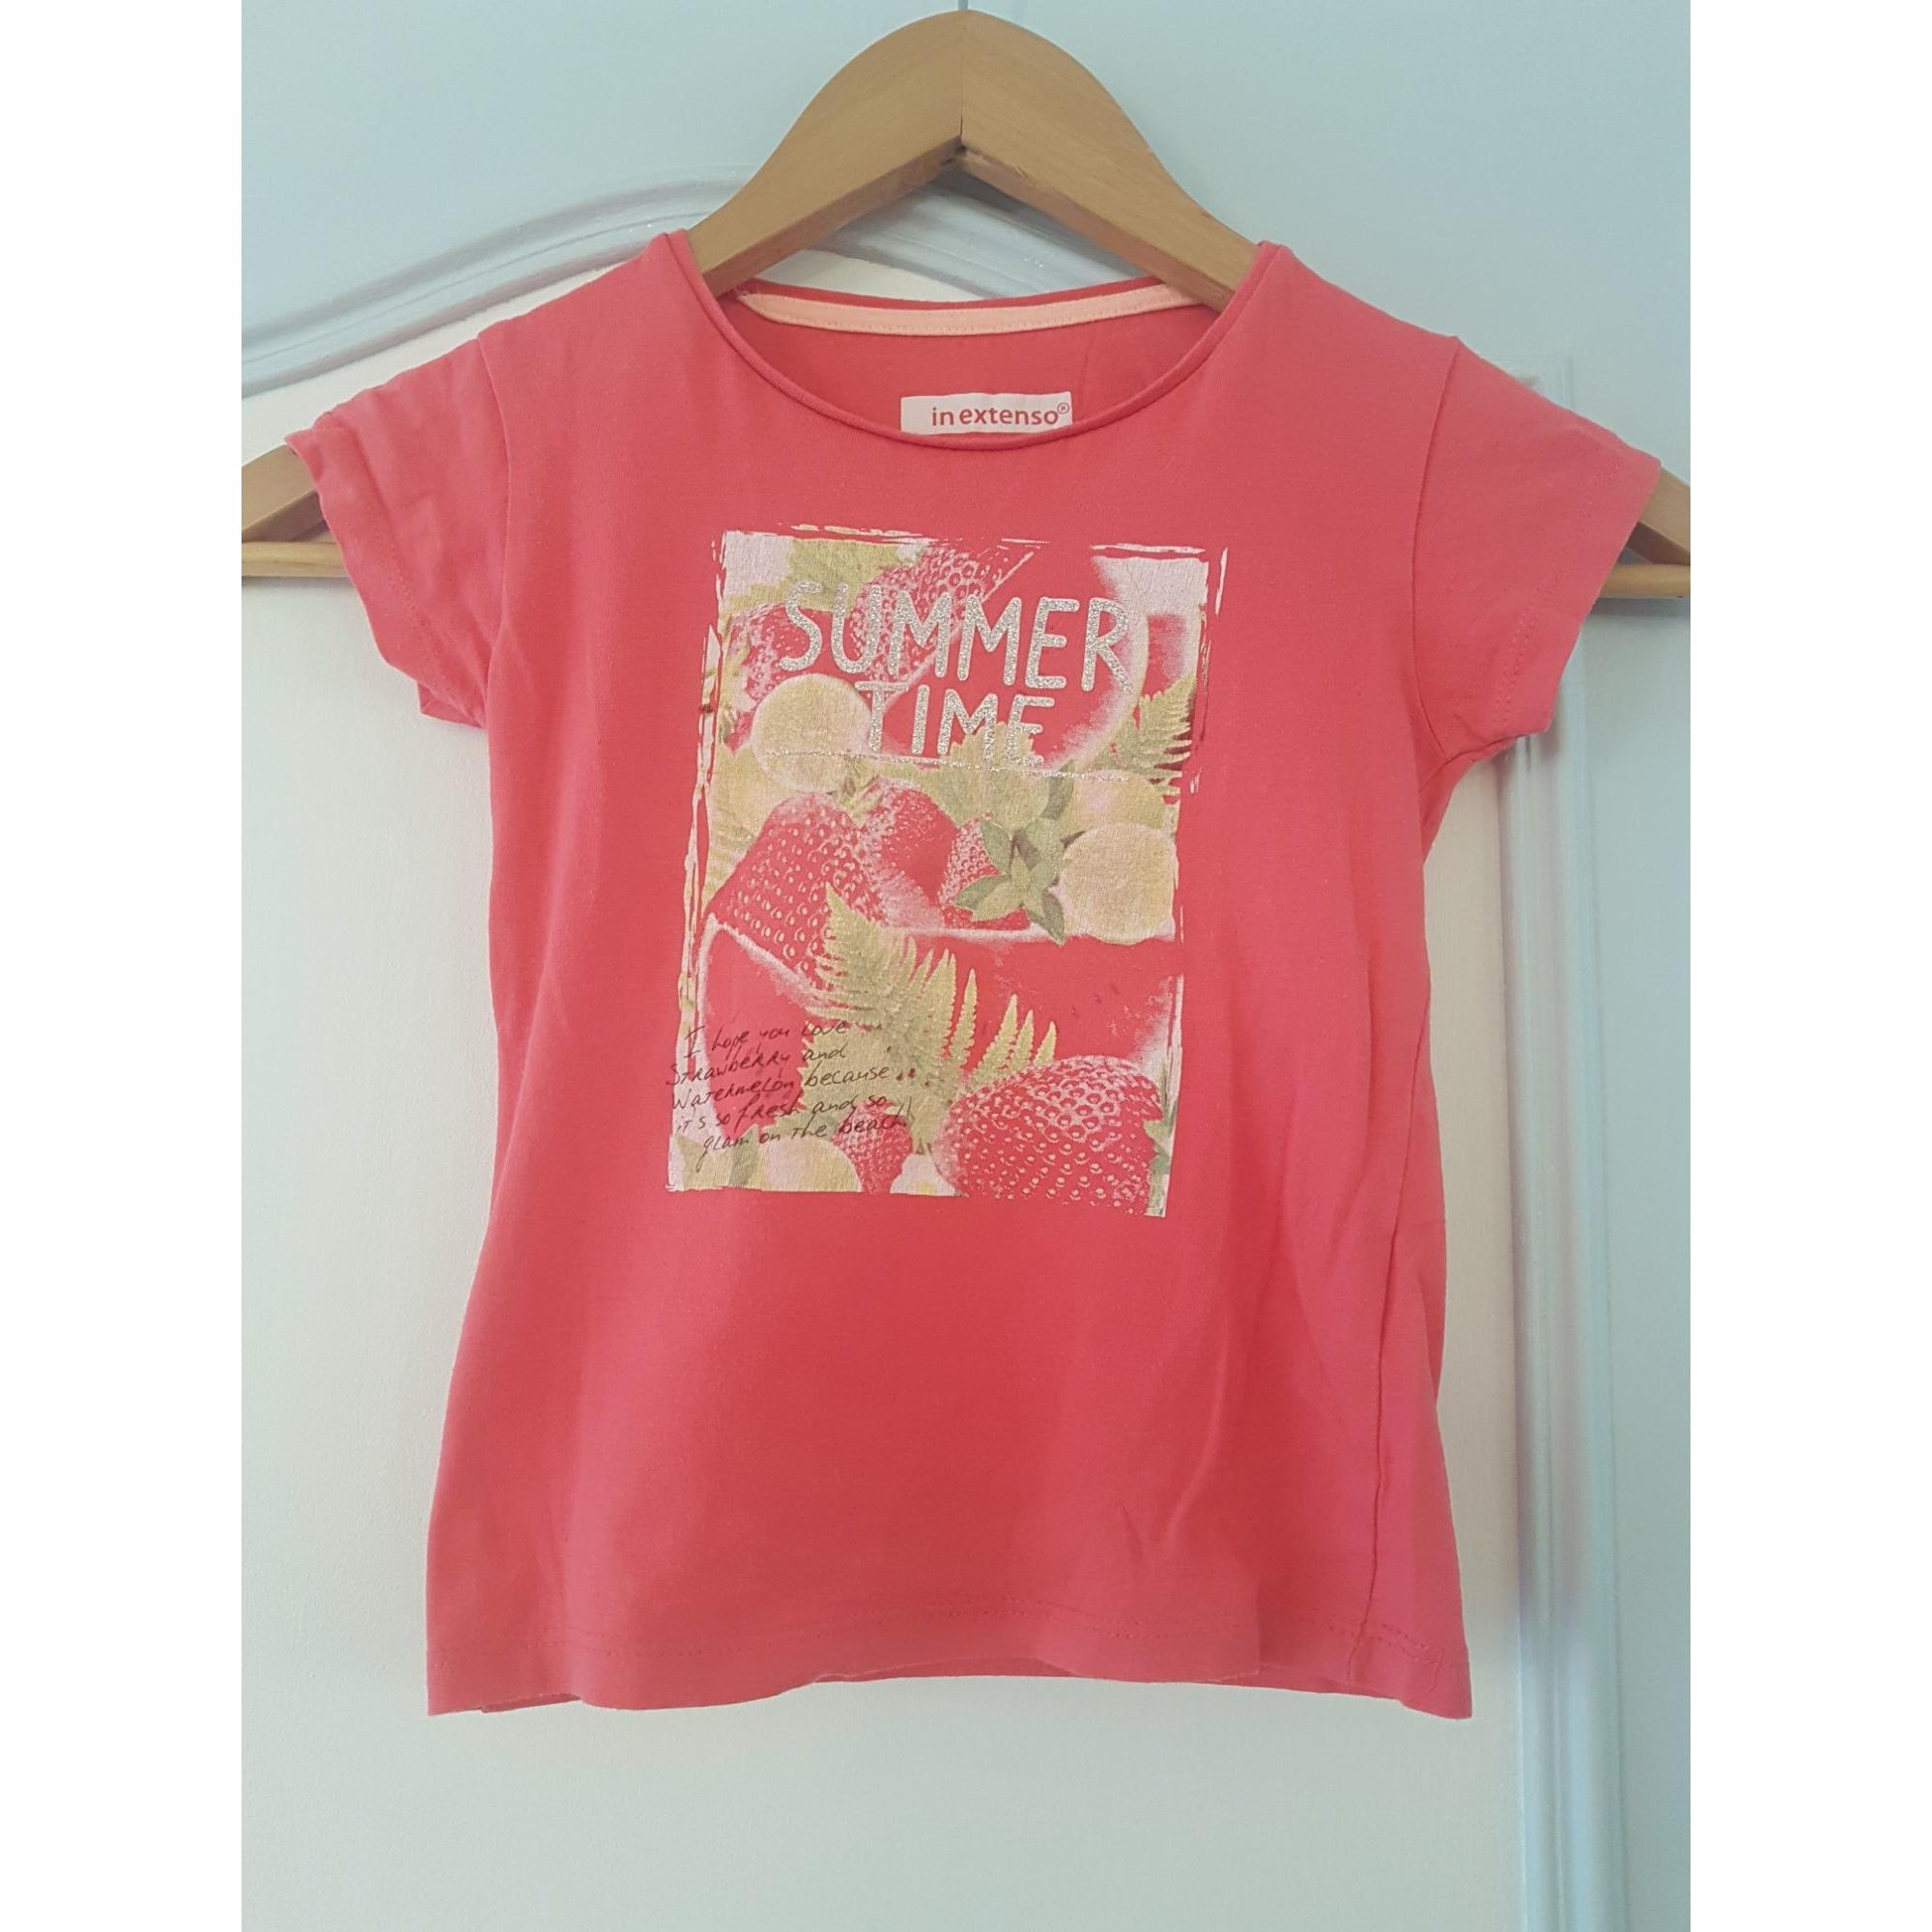 Top, Tee-shirt IN EXTENSO Rose, fuschia, vieux rose